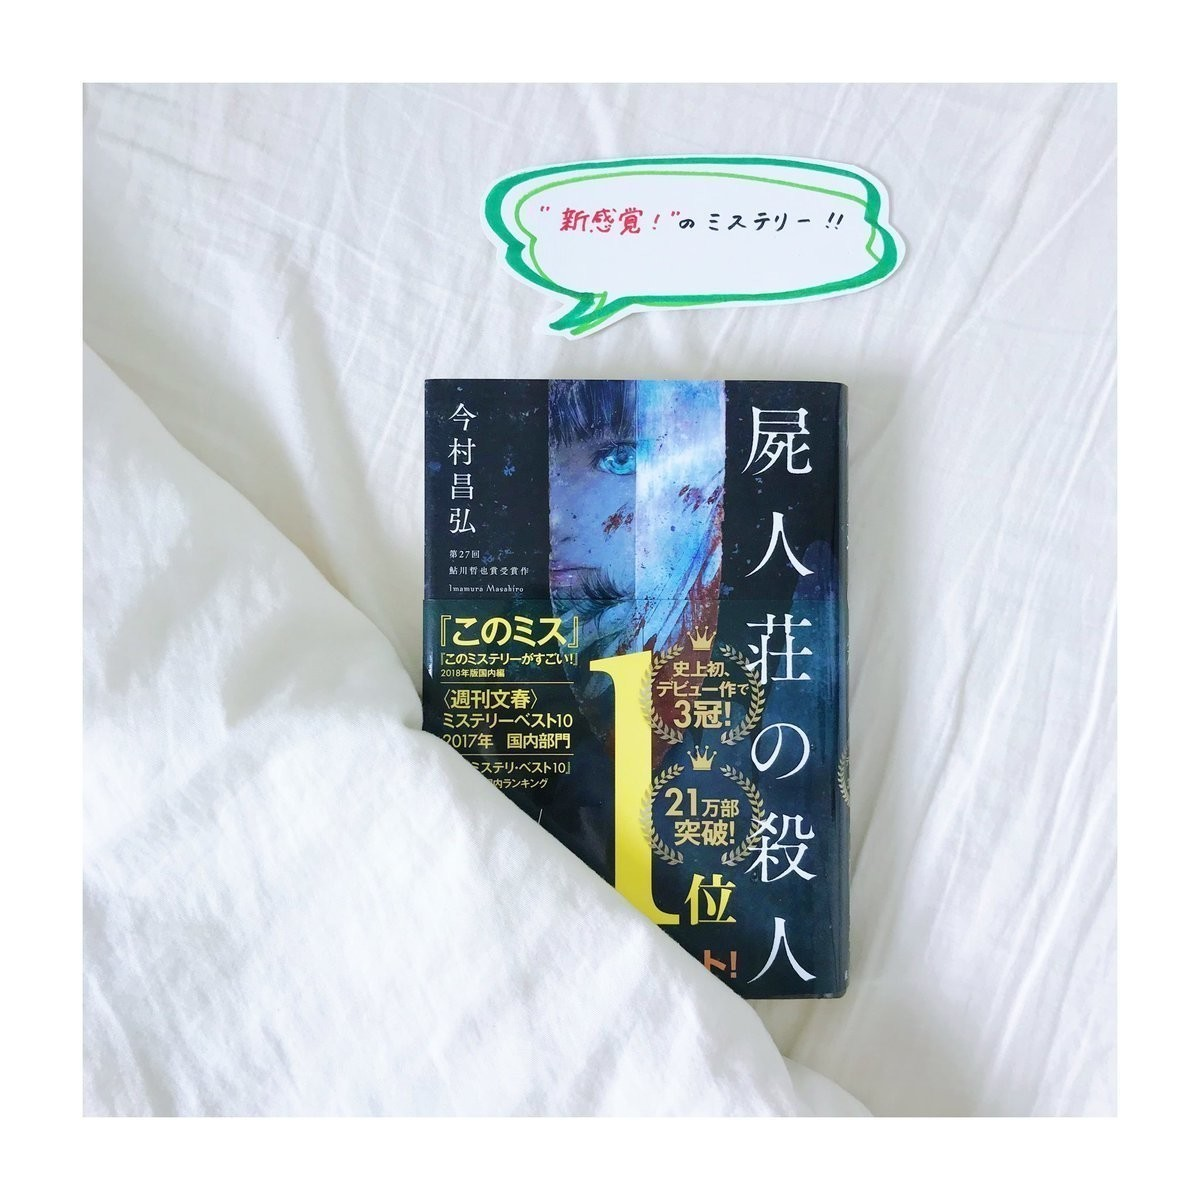 8.9_屍人荘の殺人